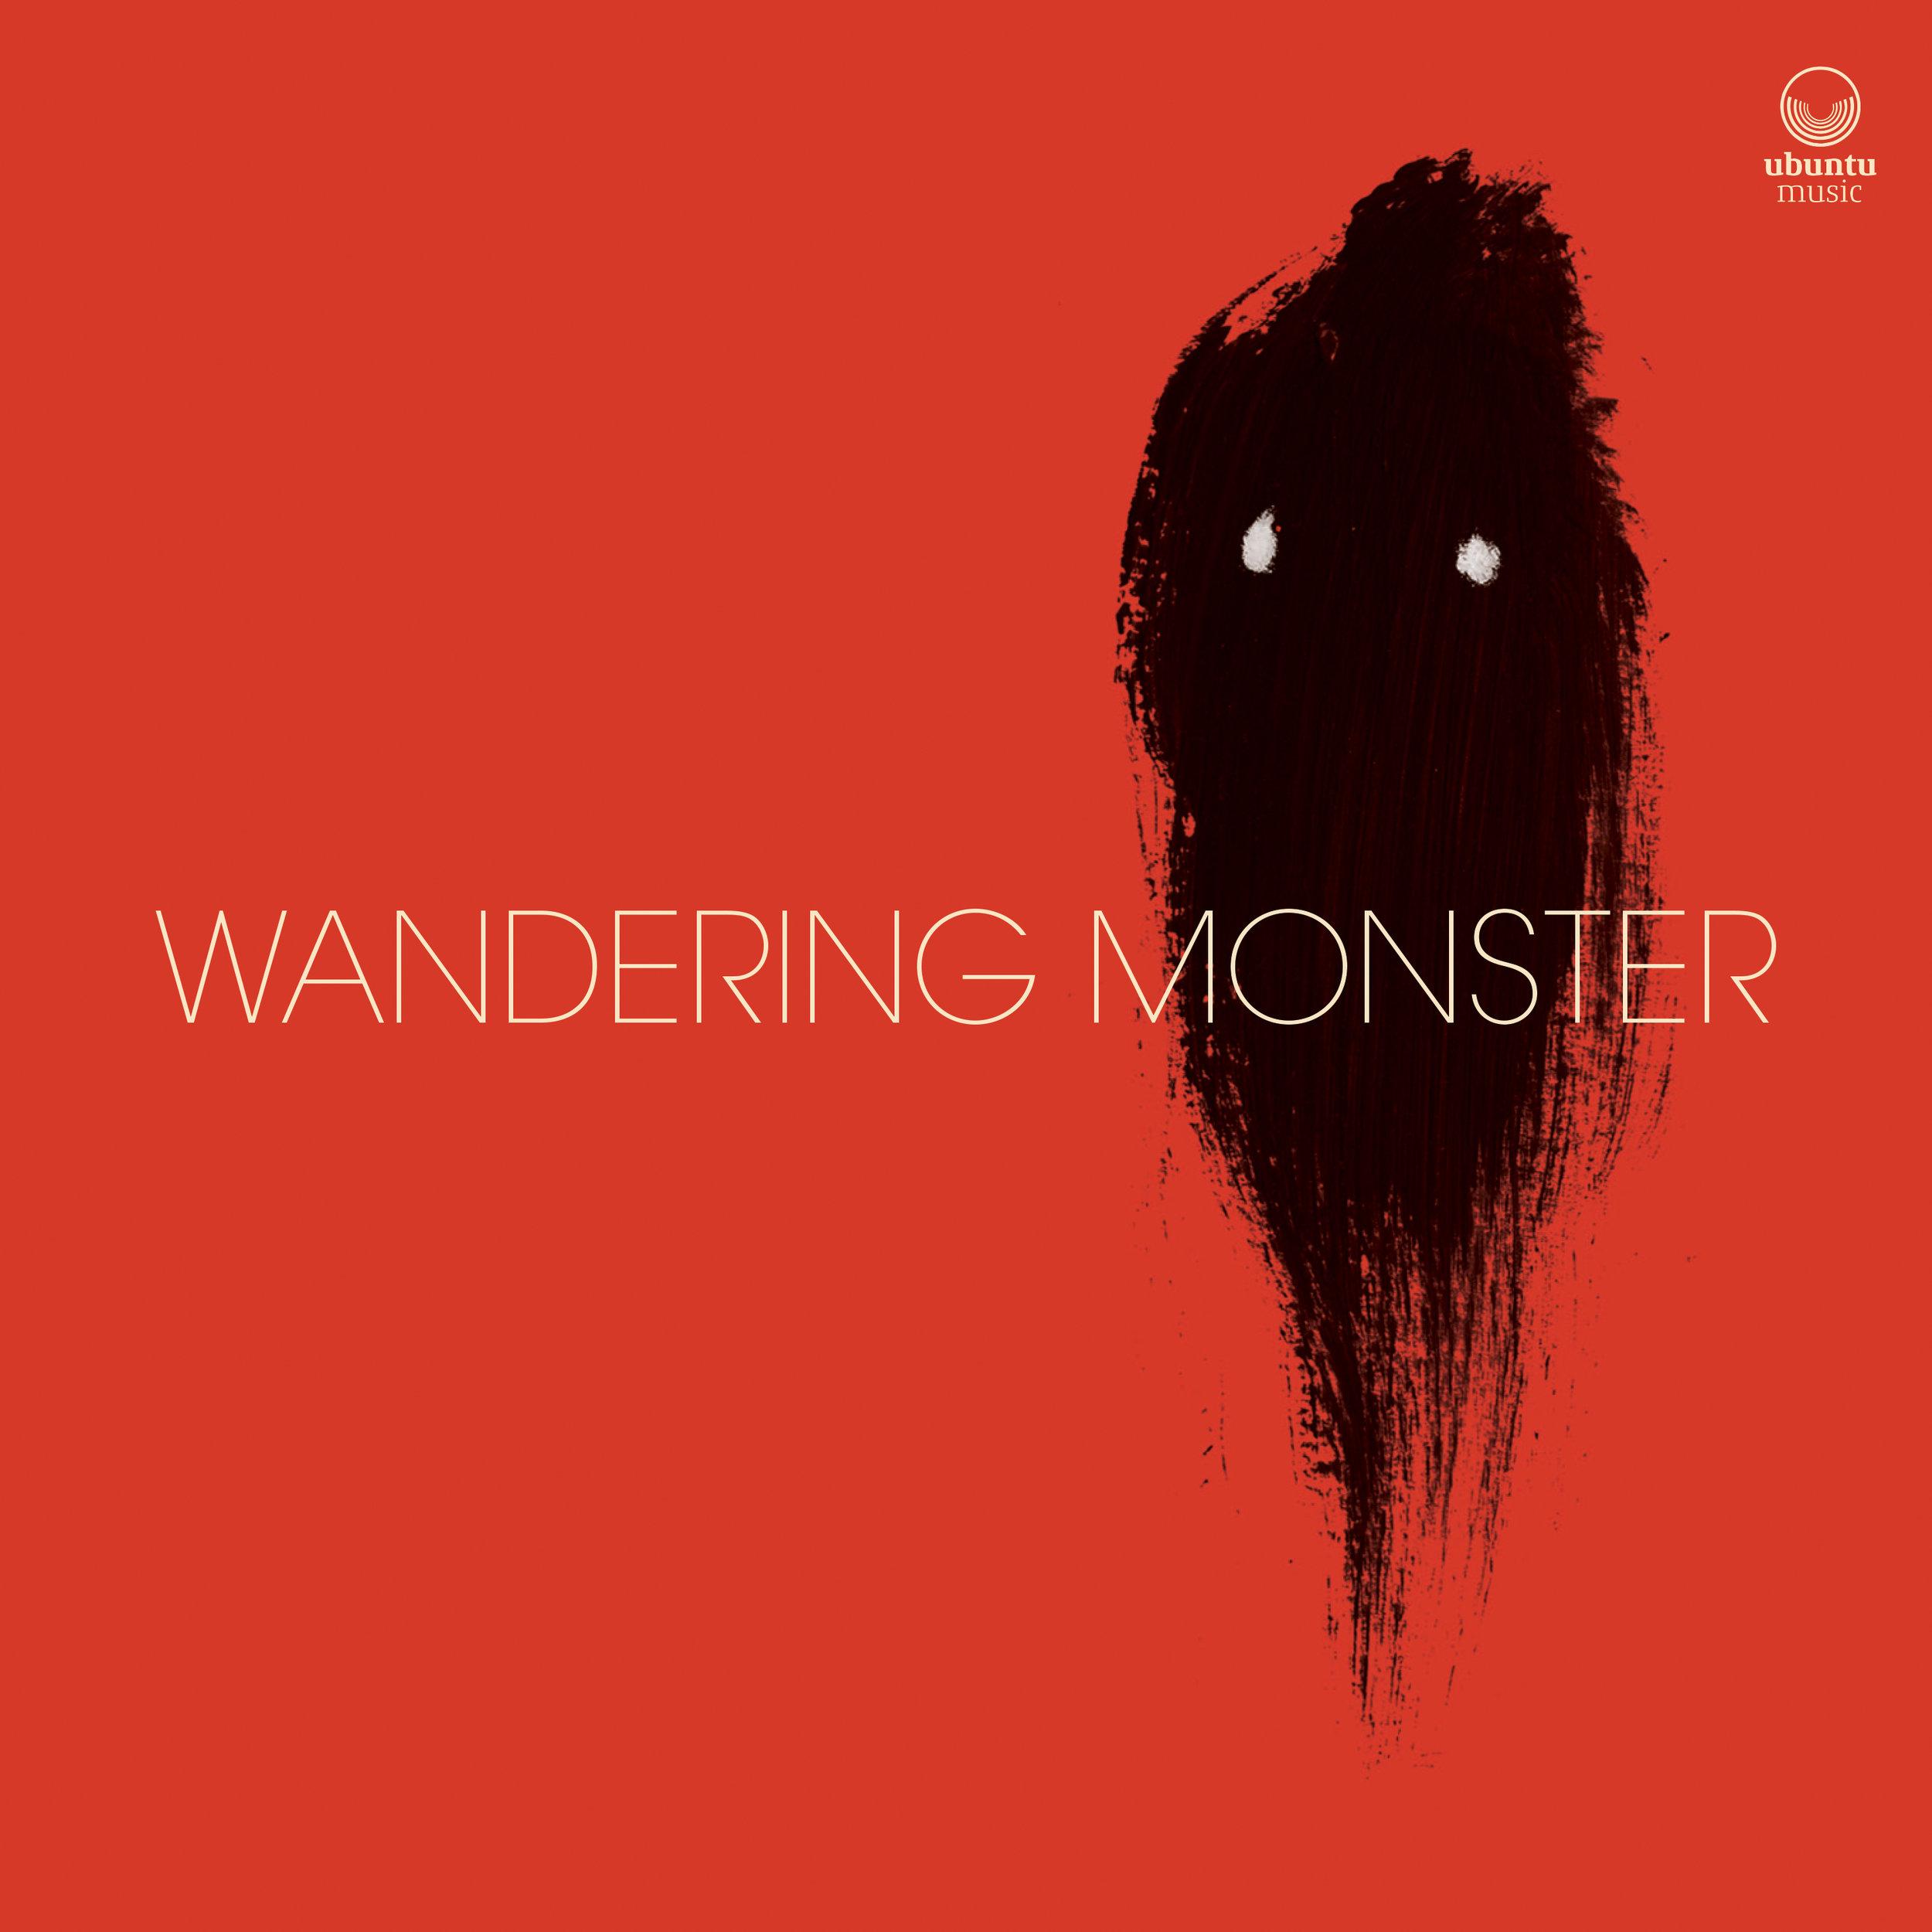 UBU0023_Wandering Monster_Cover.jpg